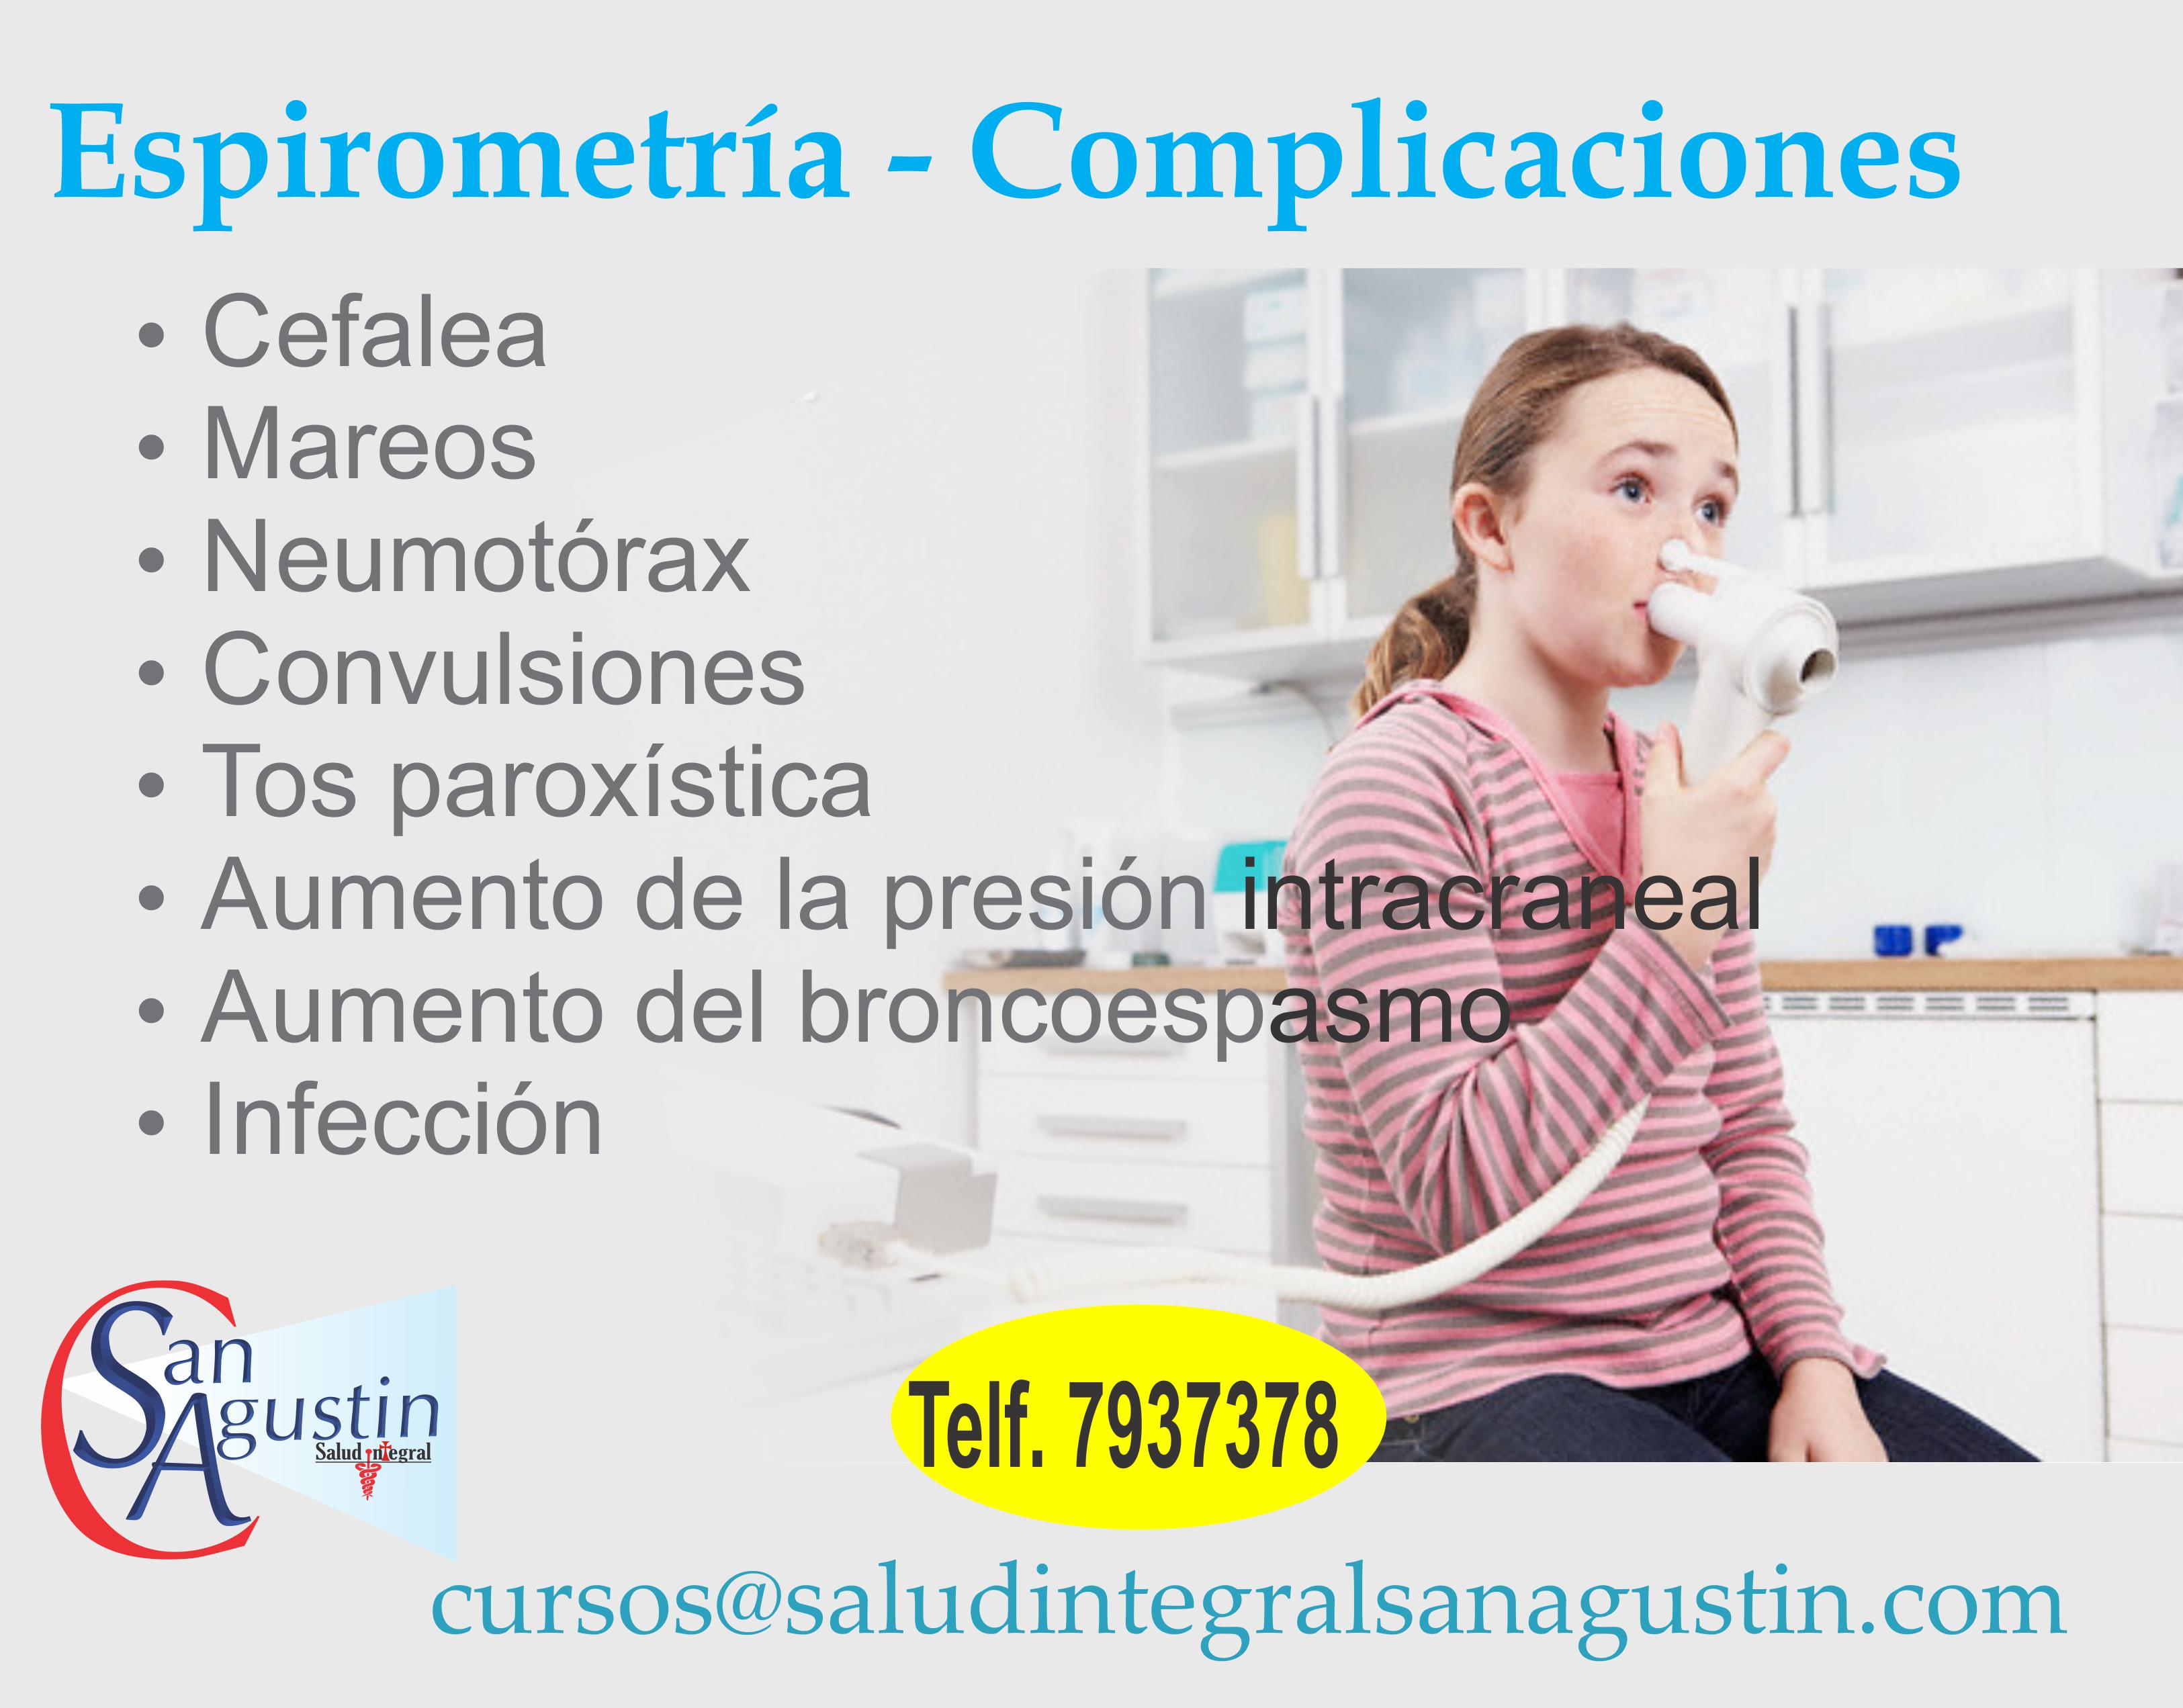 Espirometria y sus complicaciones frecuentes. Salud Integral San Agustin vende equipos como Espirometros, Boquillas para espirometros, audiometros, Cabinas de audiometria, entre otros productos en Salud.